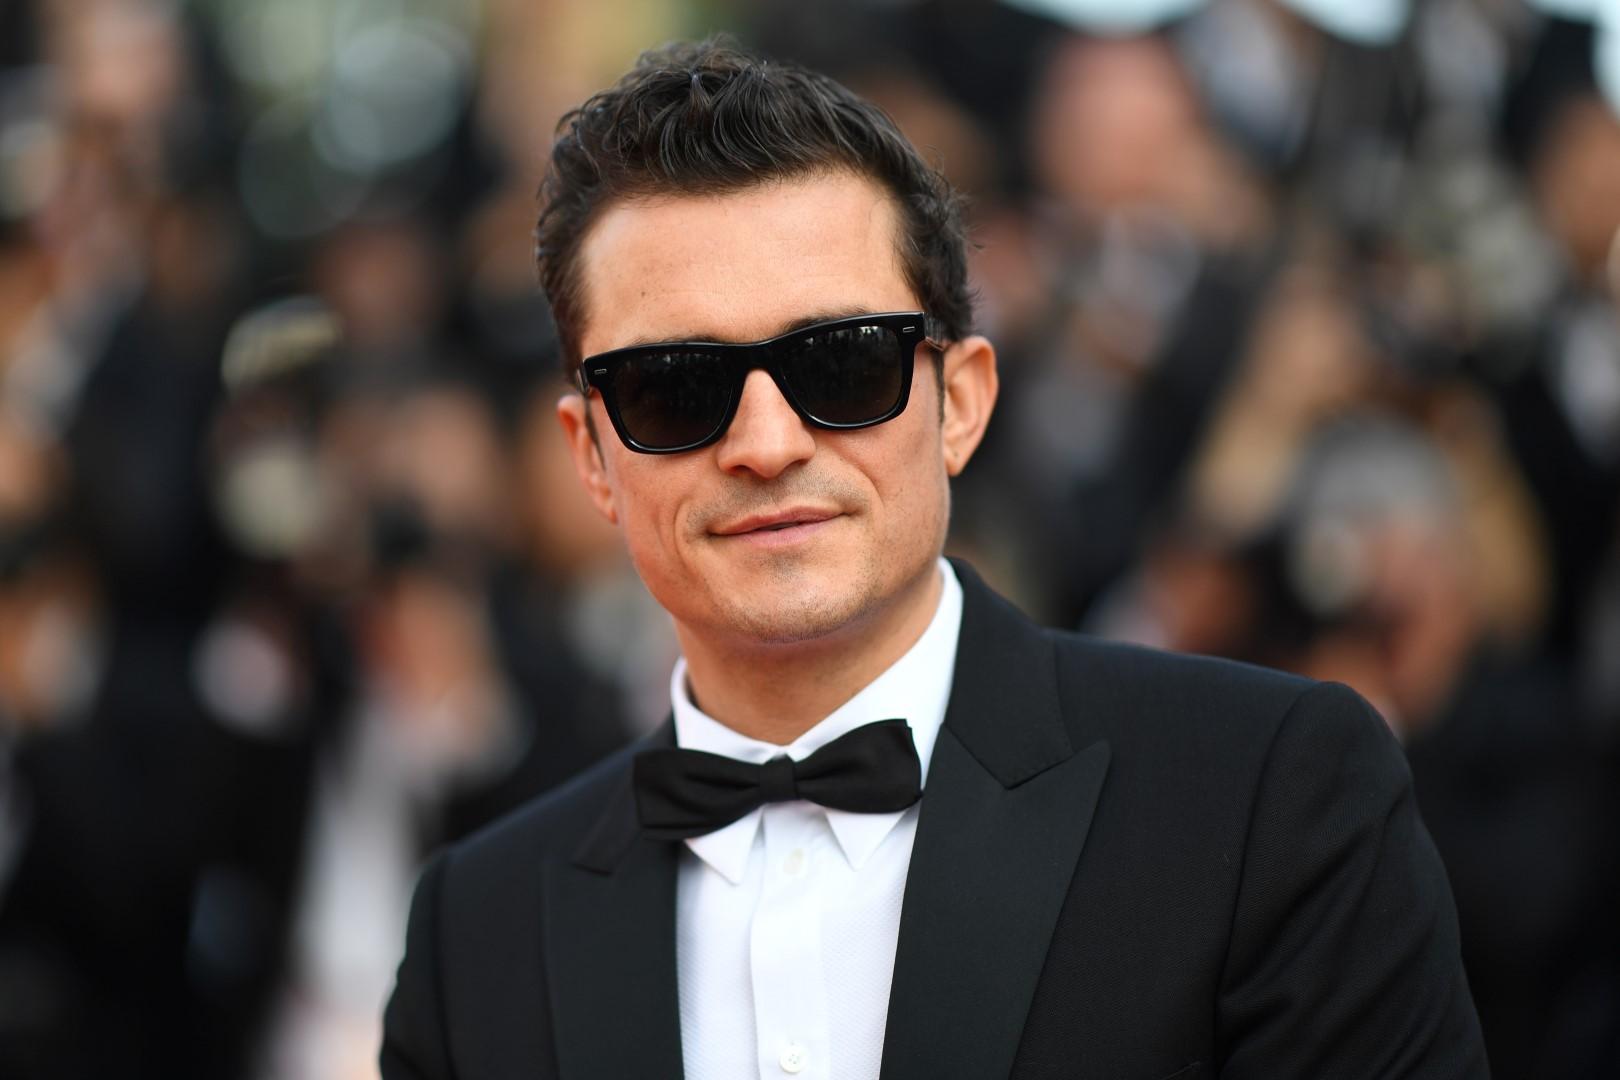 Uomo, come le star: occhiali da sole che fanno sentire in vacanza